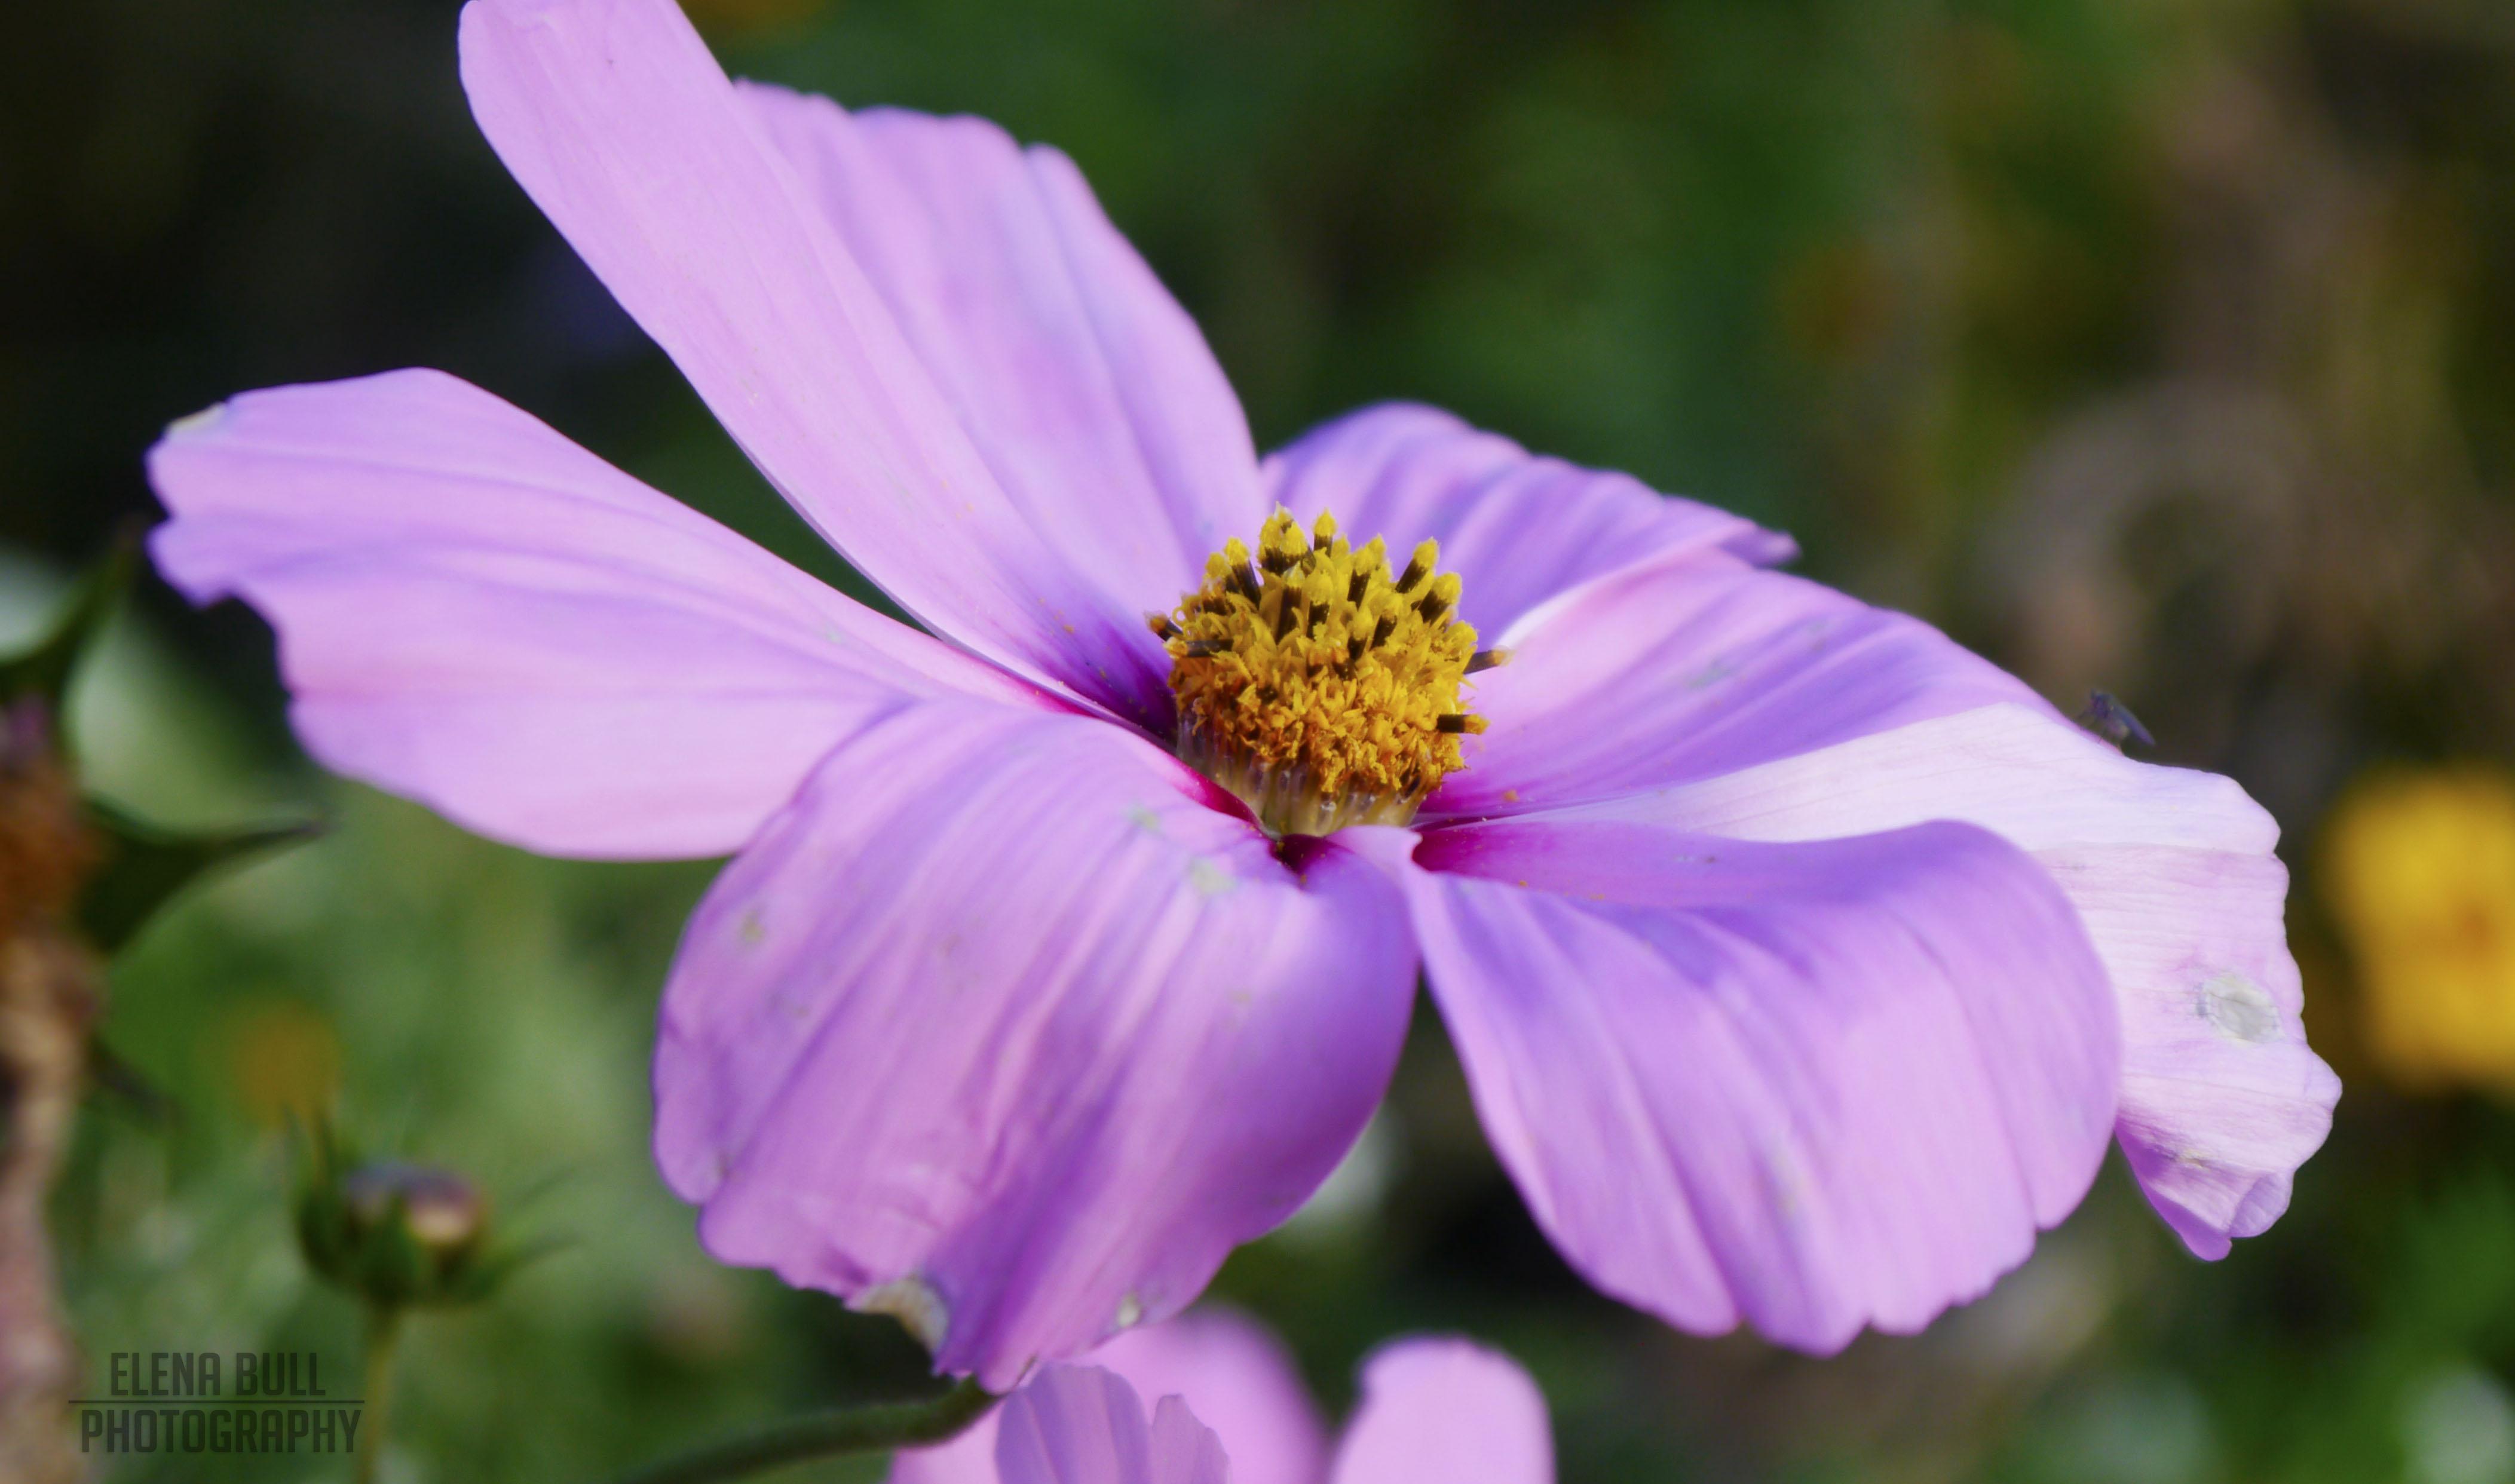 Pale petals